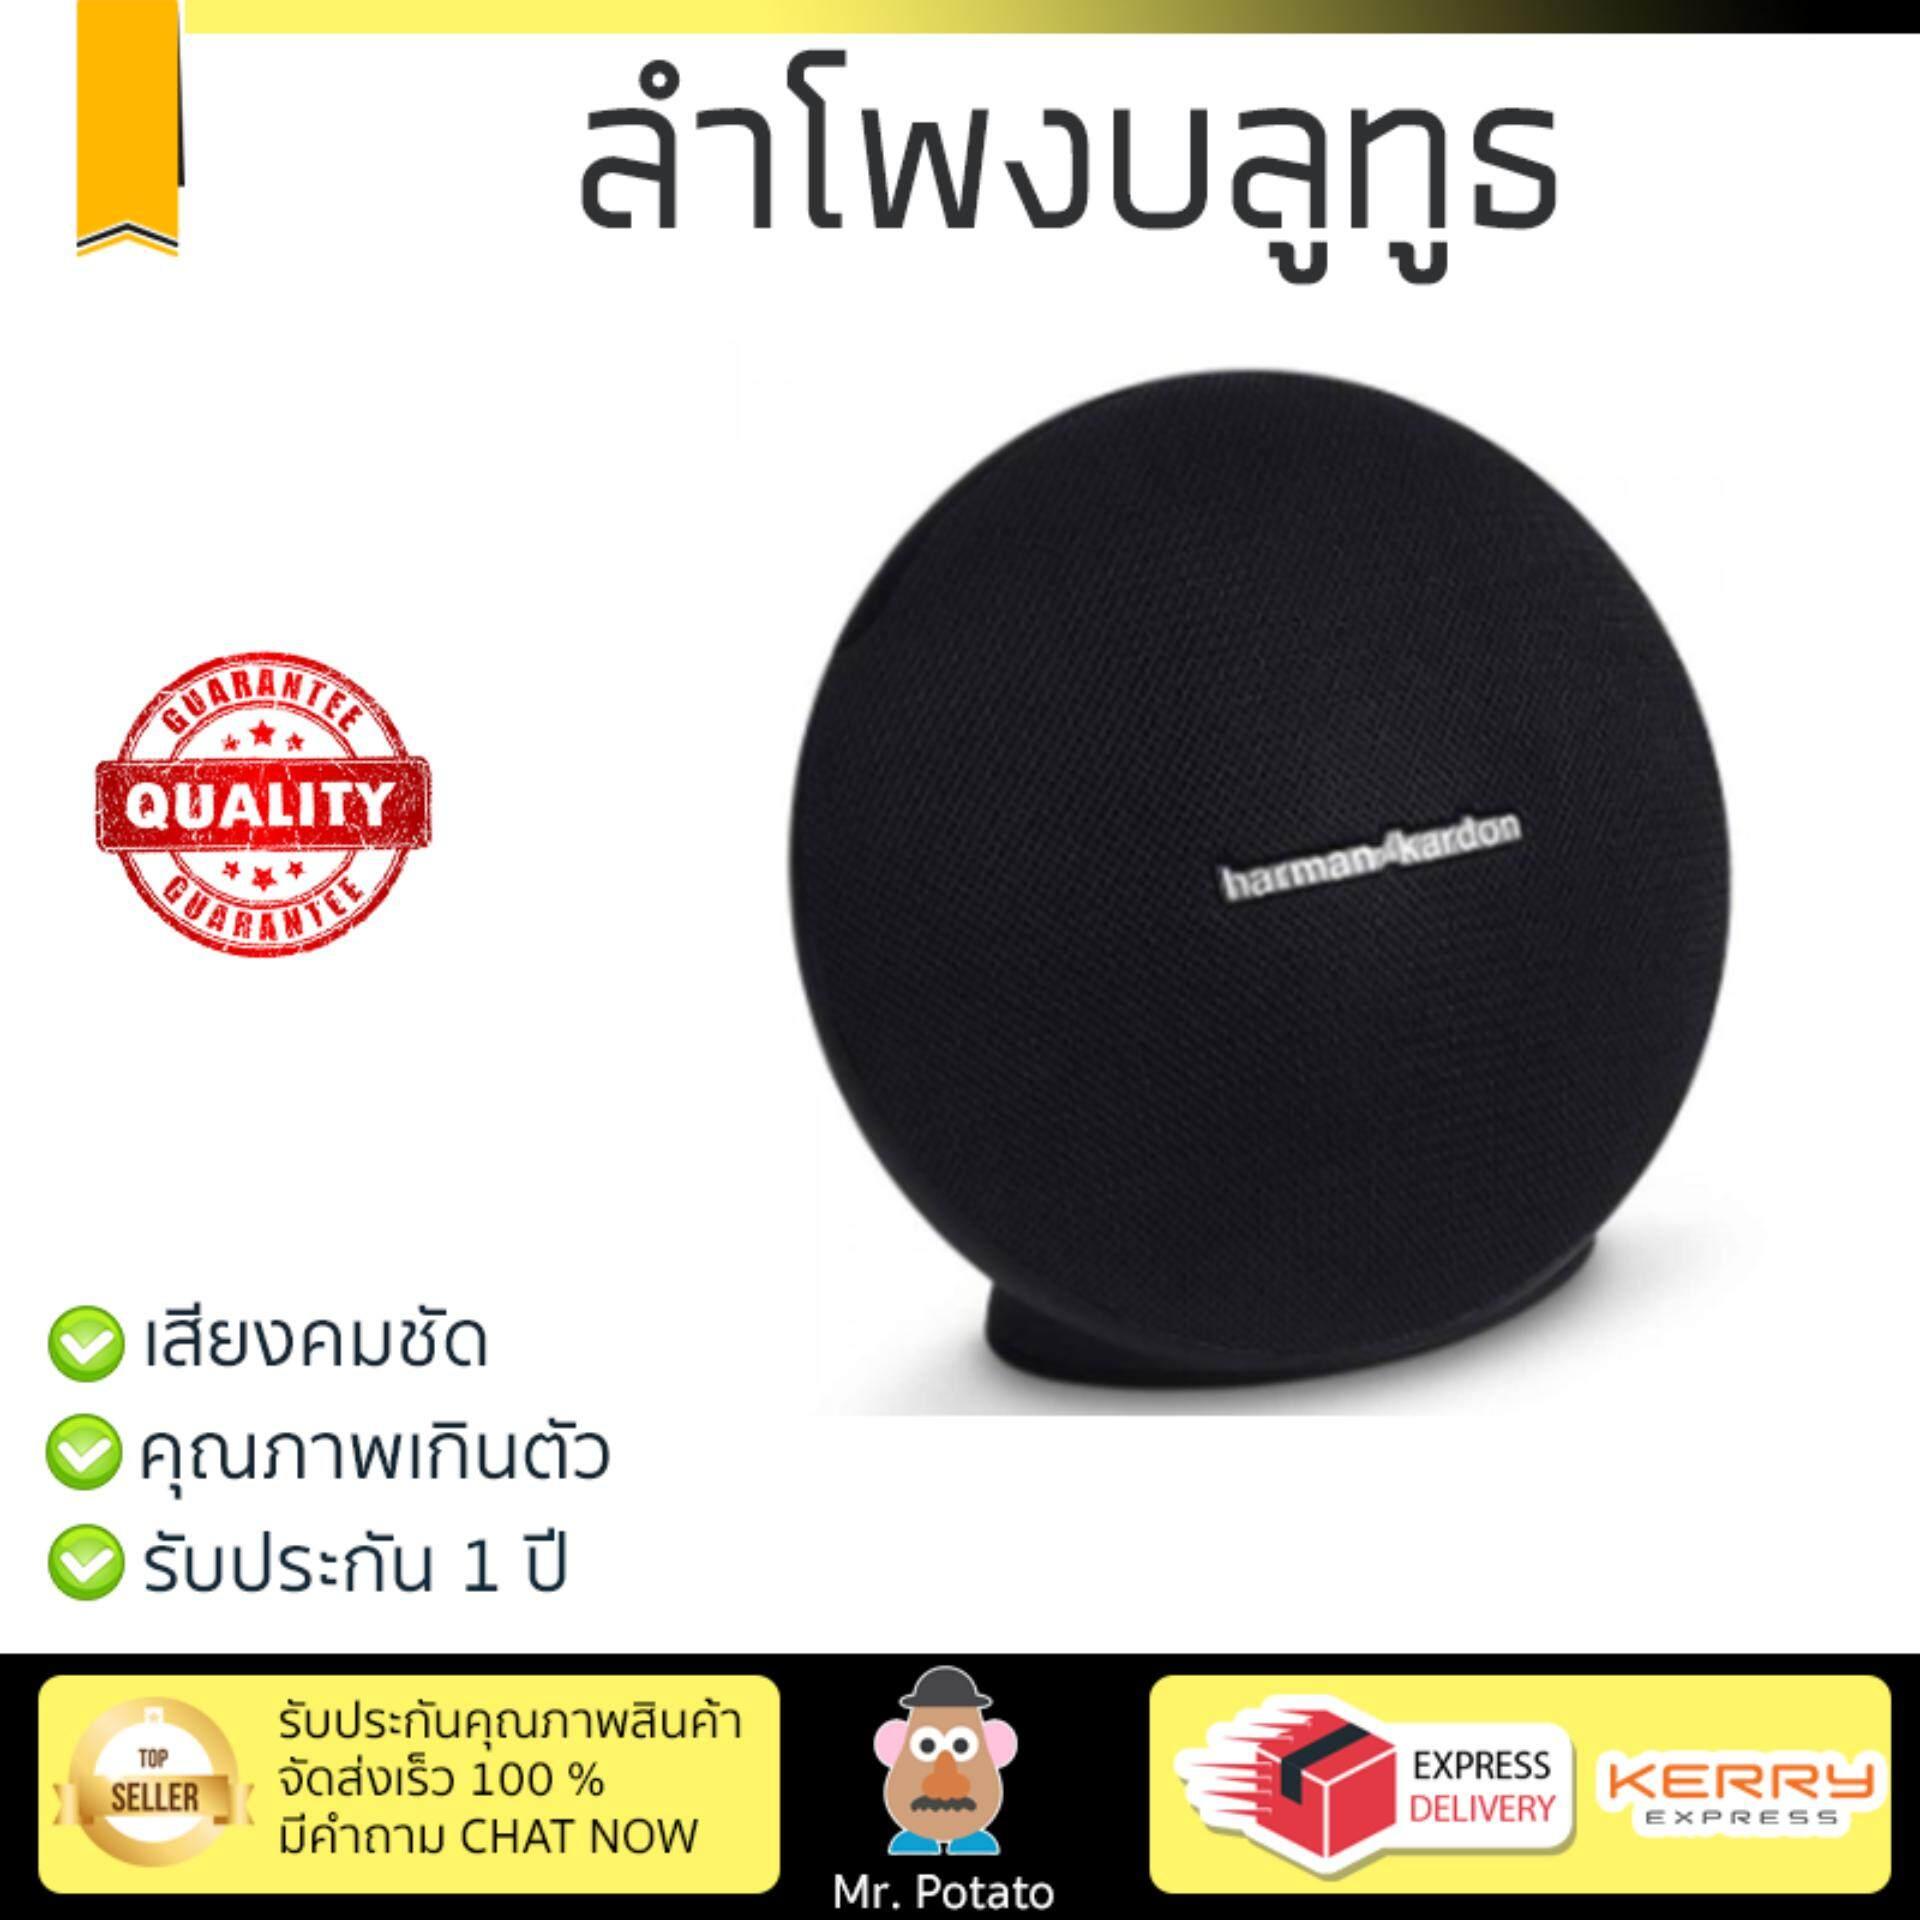 ยี่ห้อนี้ดีไหม  ปราจีนบุรี จัดส่งฟรี ลำโพงบลูทูธ  Harman Kardon Bluetooth Speaker 2.1 Onyx Mini Black เสียงใส คุณภาพเกินตัว Wireless Bluetooth Speaker รับประกัน 1 ปี